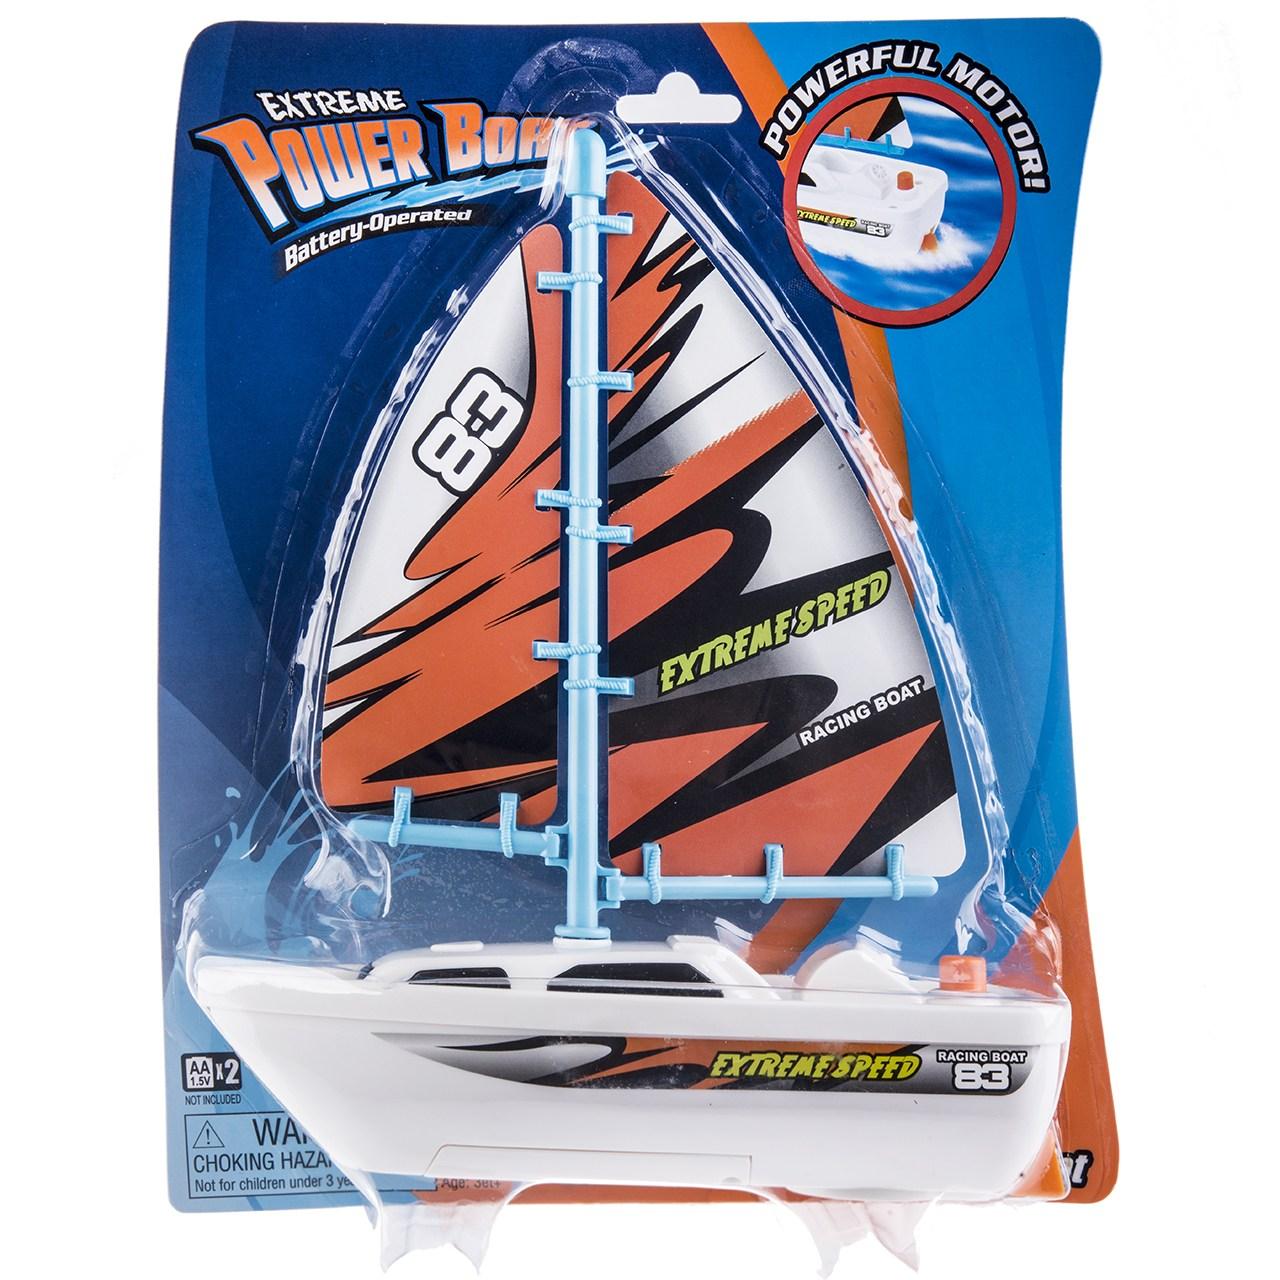 قایق اسباب بازی کین وی Extreme Speed 13910